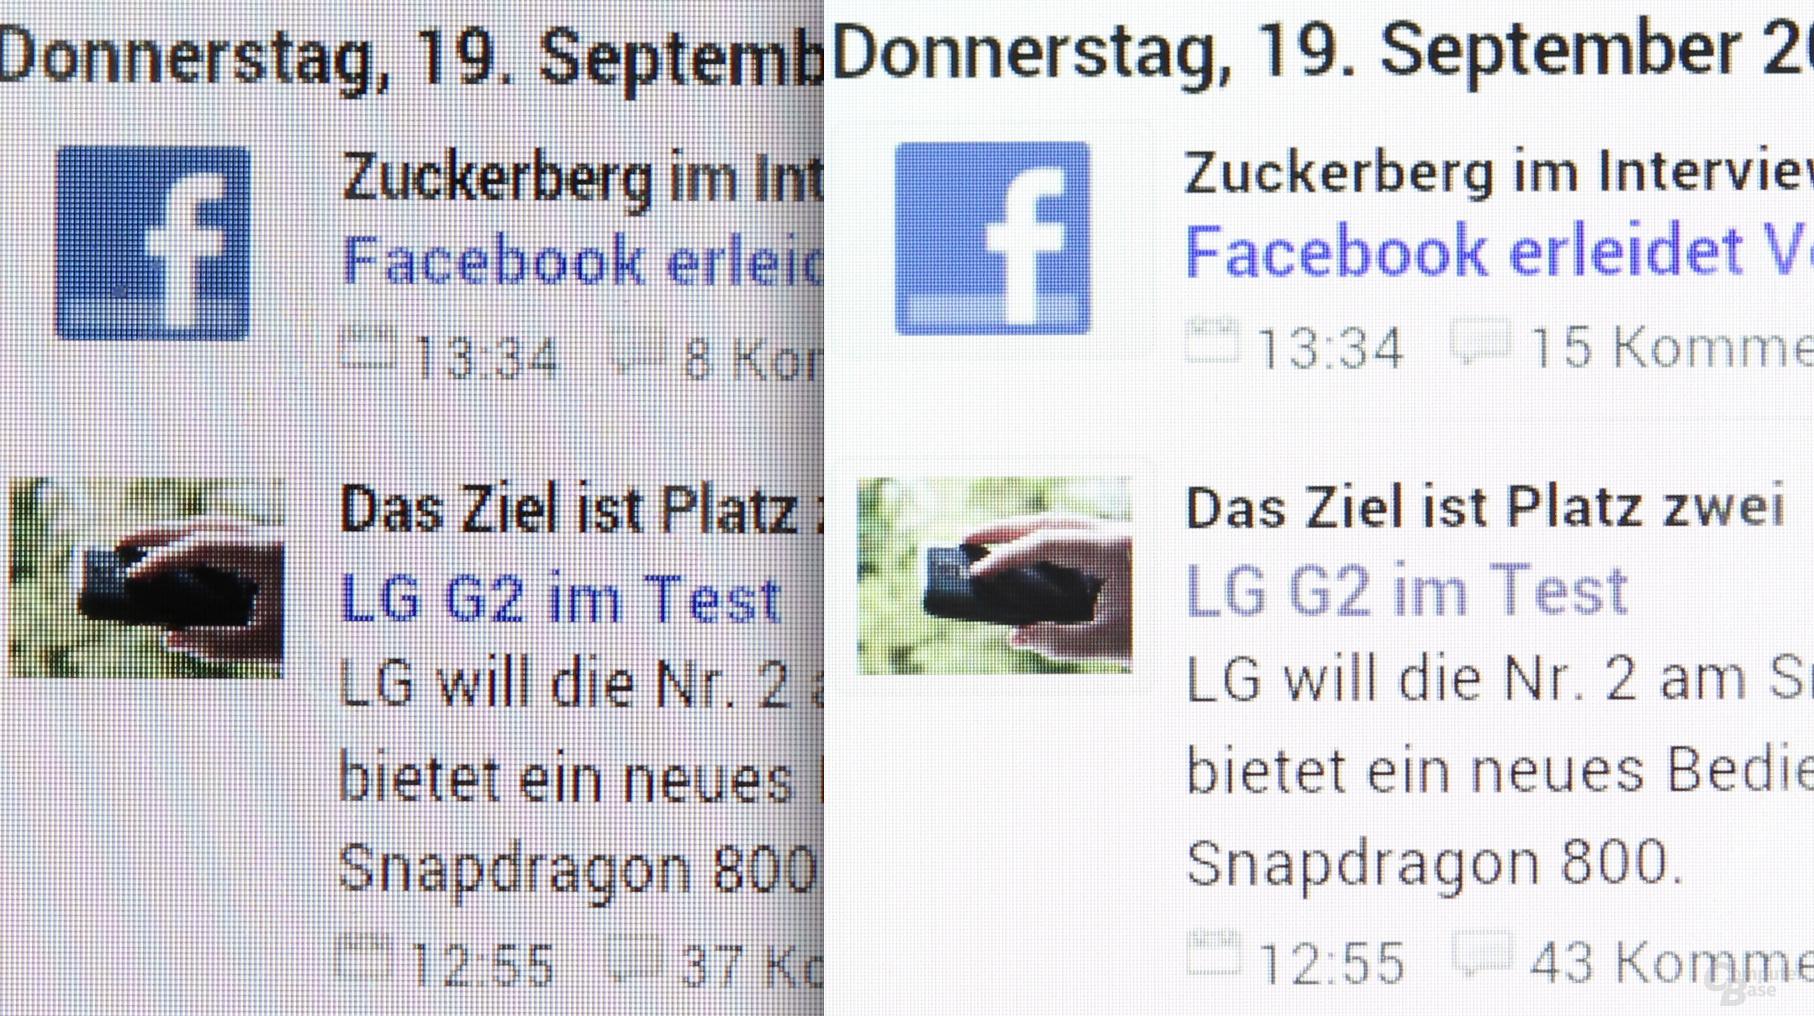 Nexus 7 2012 (links) vs. Nexus 7 2013 (rechts)